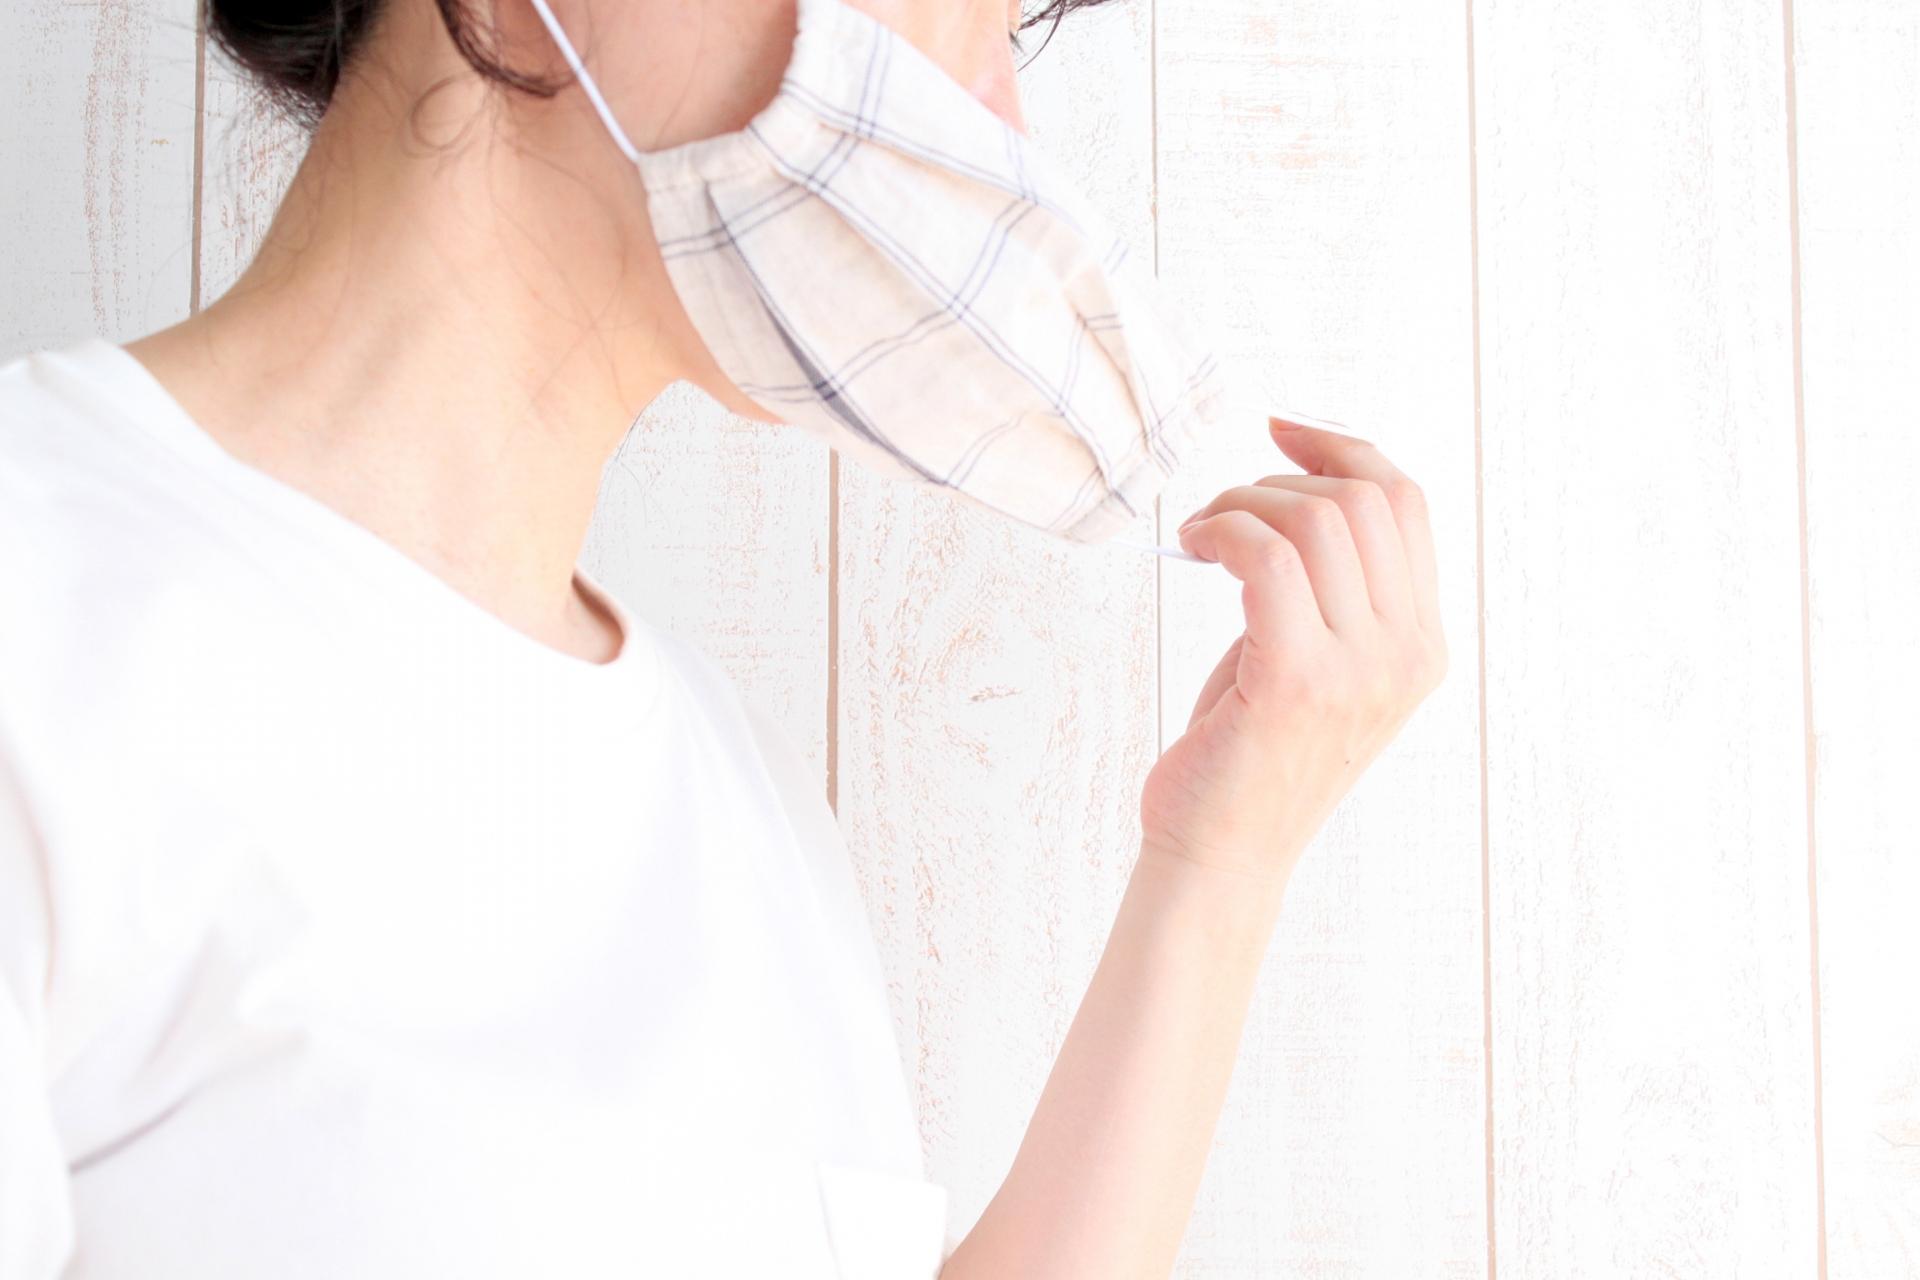 マスクを外す女性